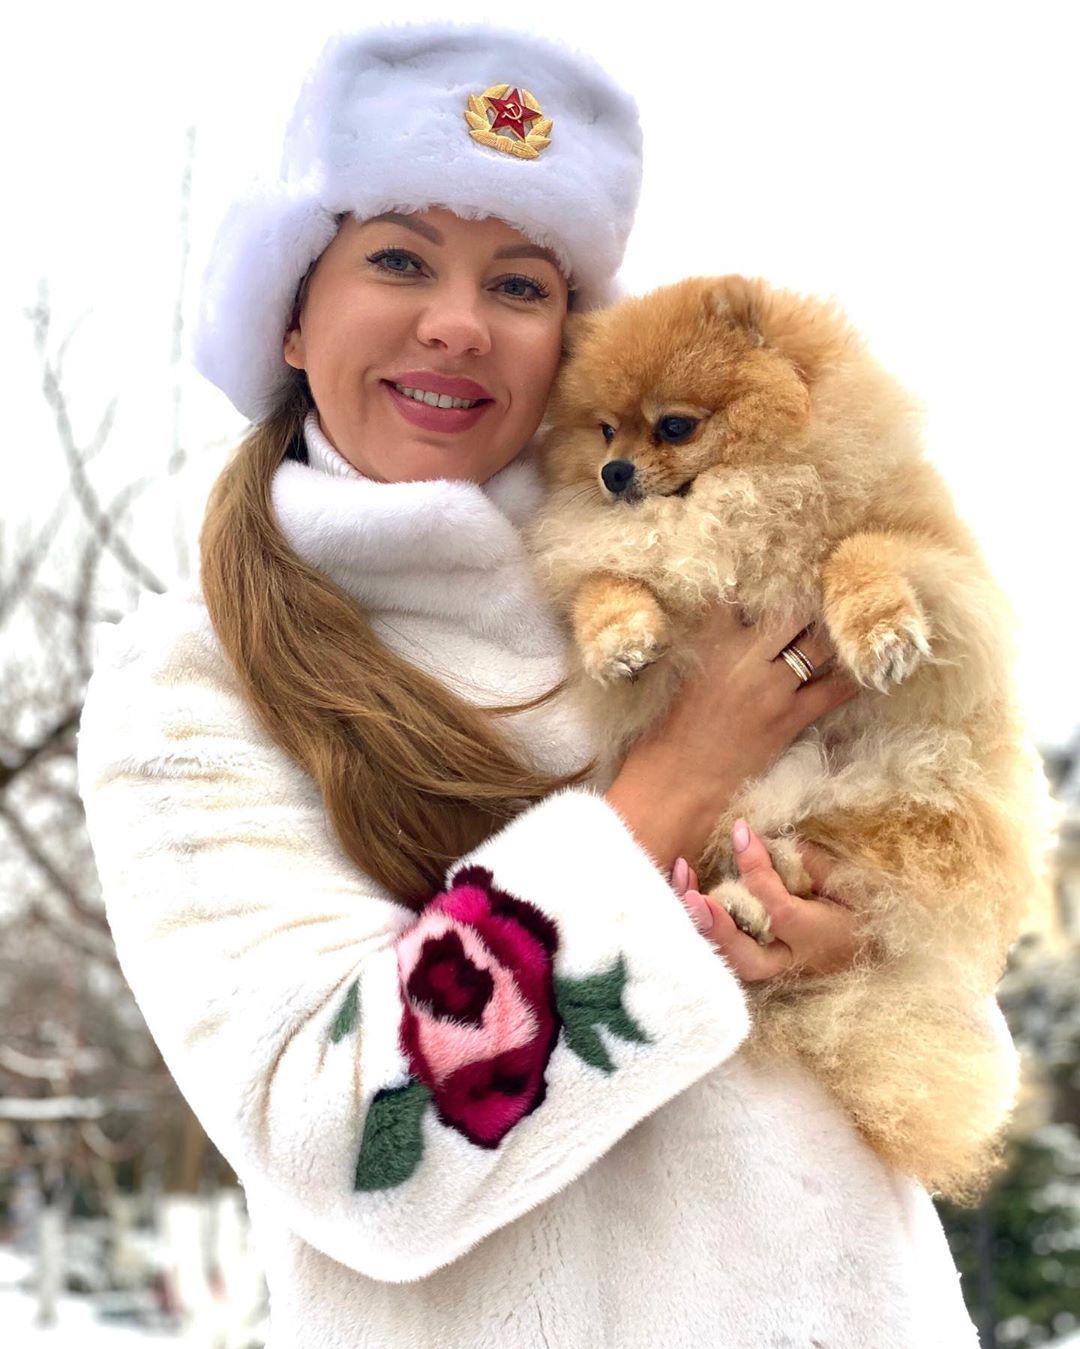 Певица Наталия Иванова показала фото со своим милым шпицем